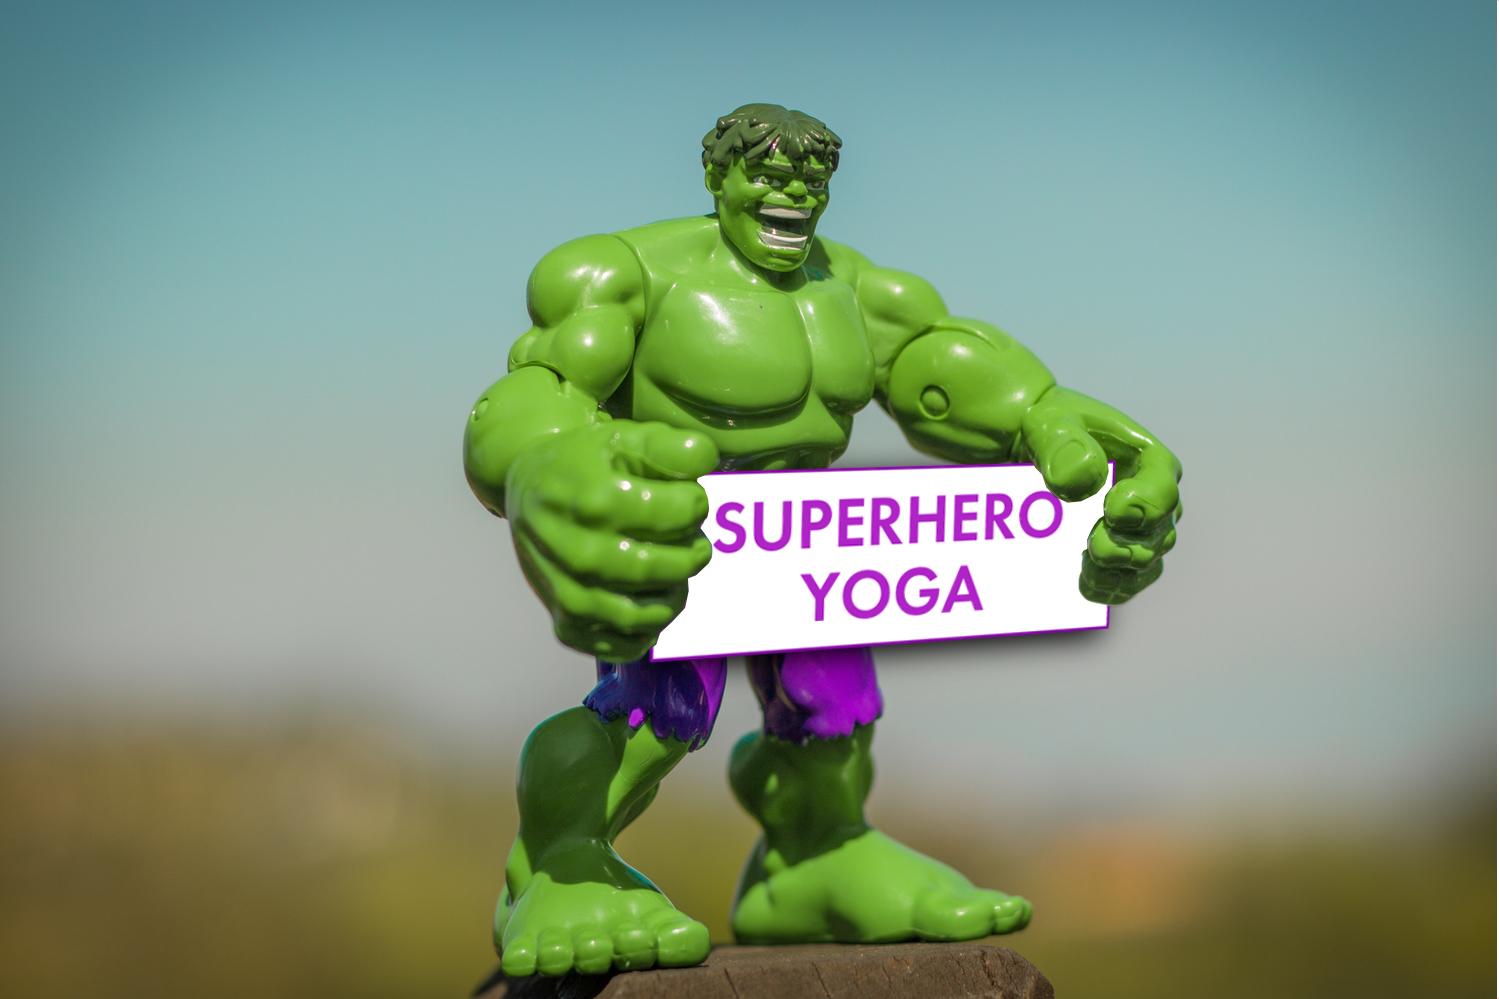 Superhero HHY Web.jpg